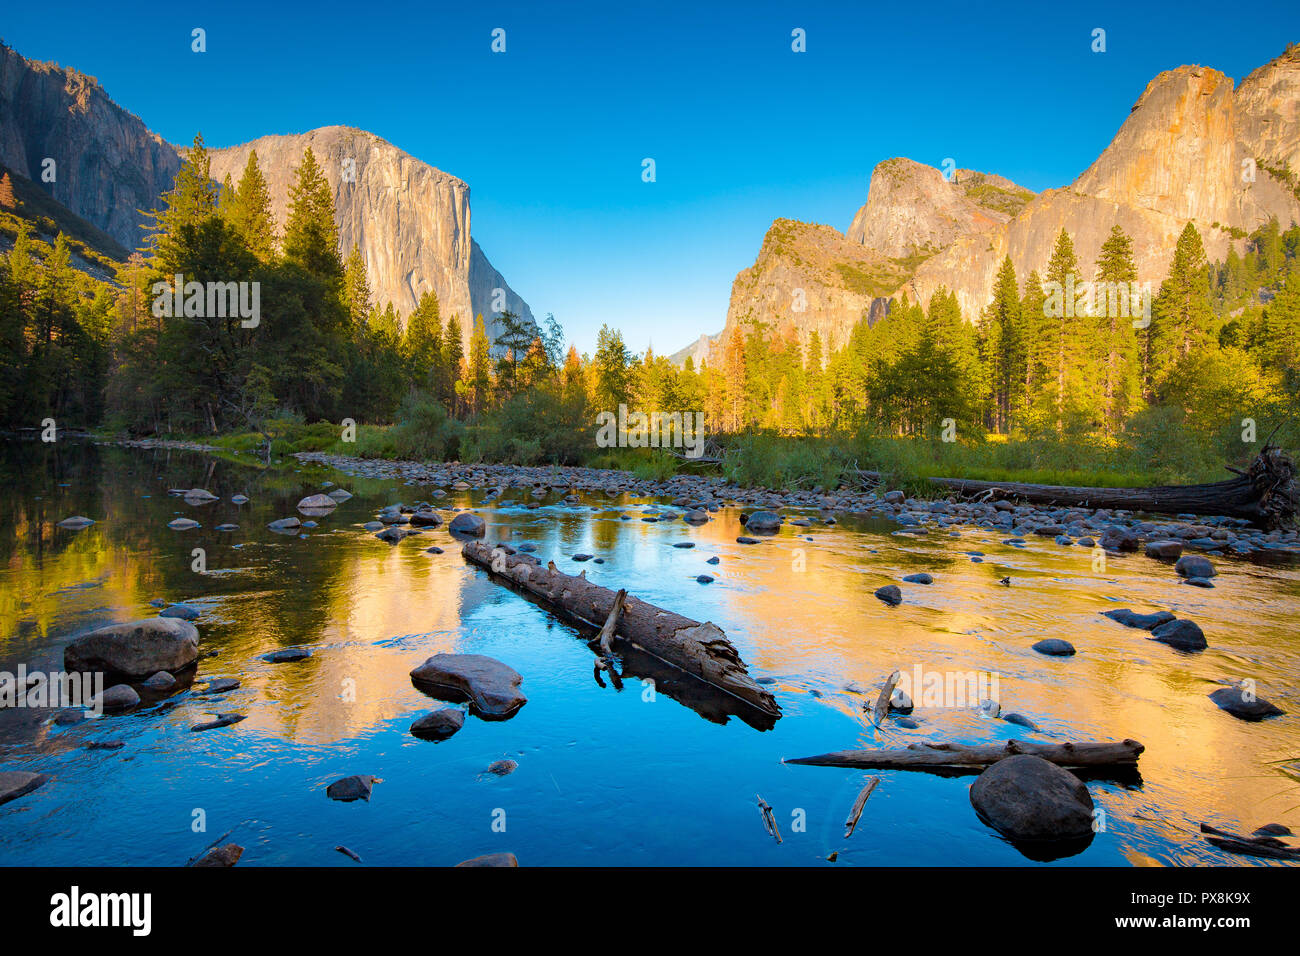 Vista clásica del pintoresco valle de Yosemite con Capitan de carril elevado famoso escalada cumbre y idílico río Merced al atardecer, California, EE.UU. Imagen De Stock